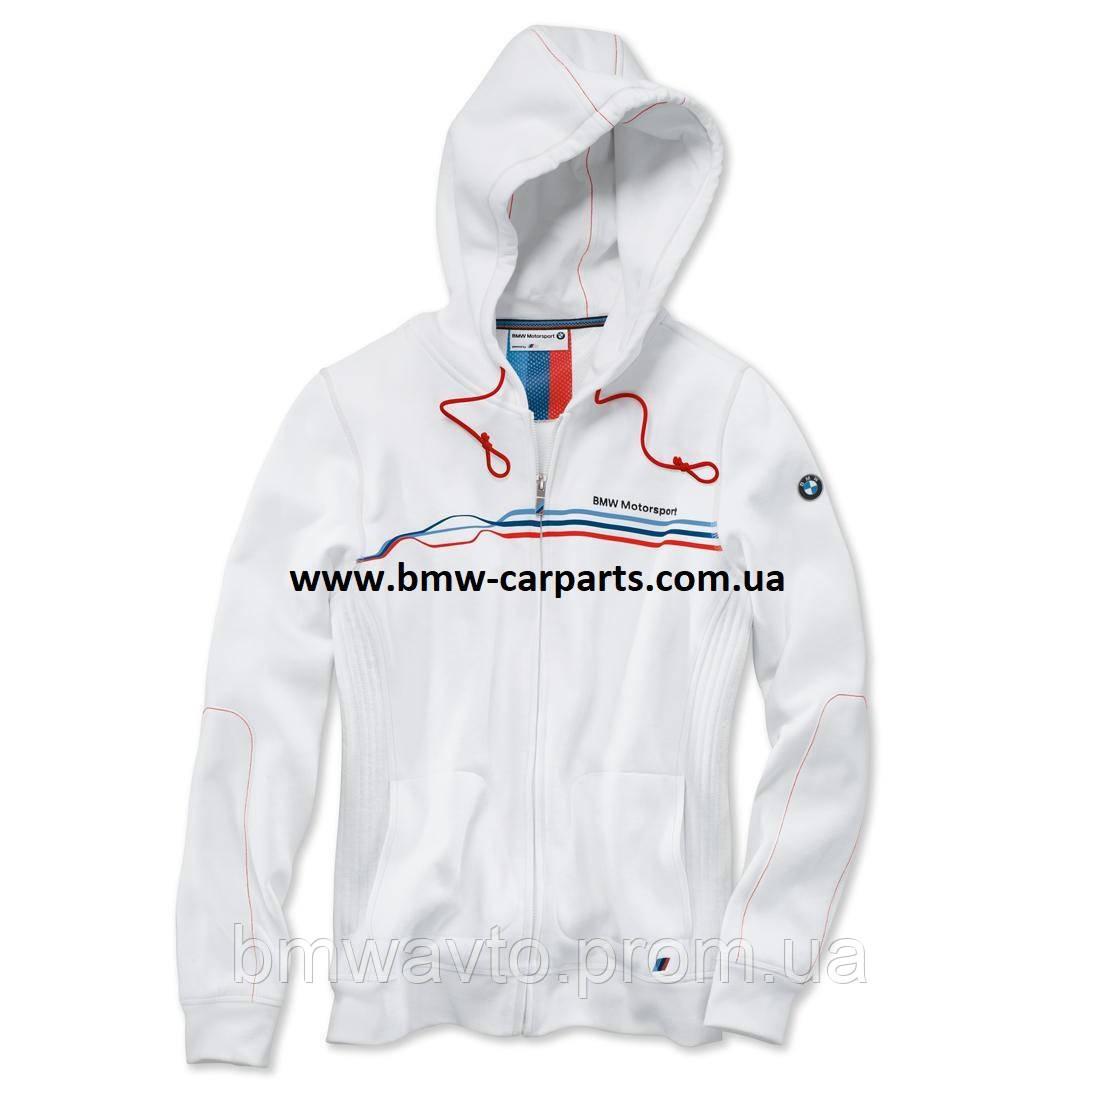 Женская куртка BMW Motorsport Sweat Jacket, ladies, White